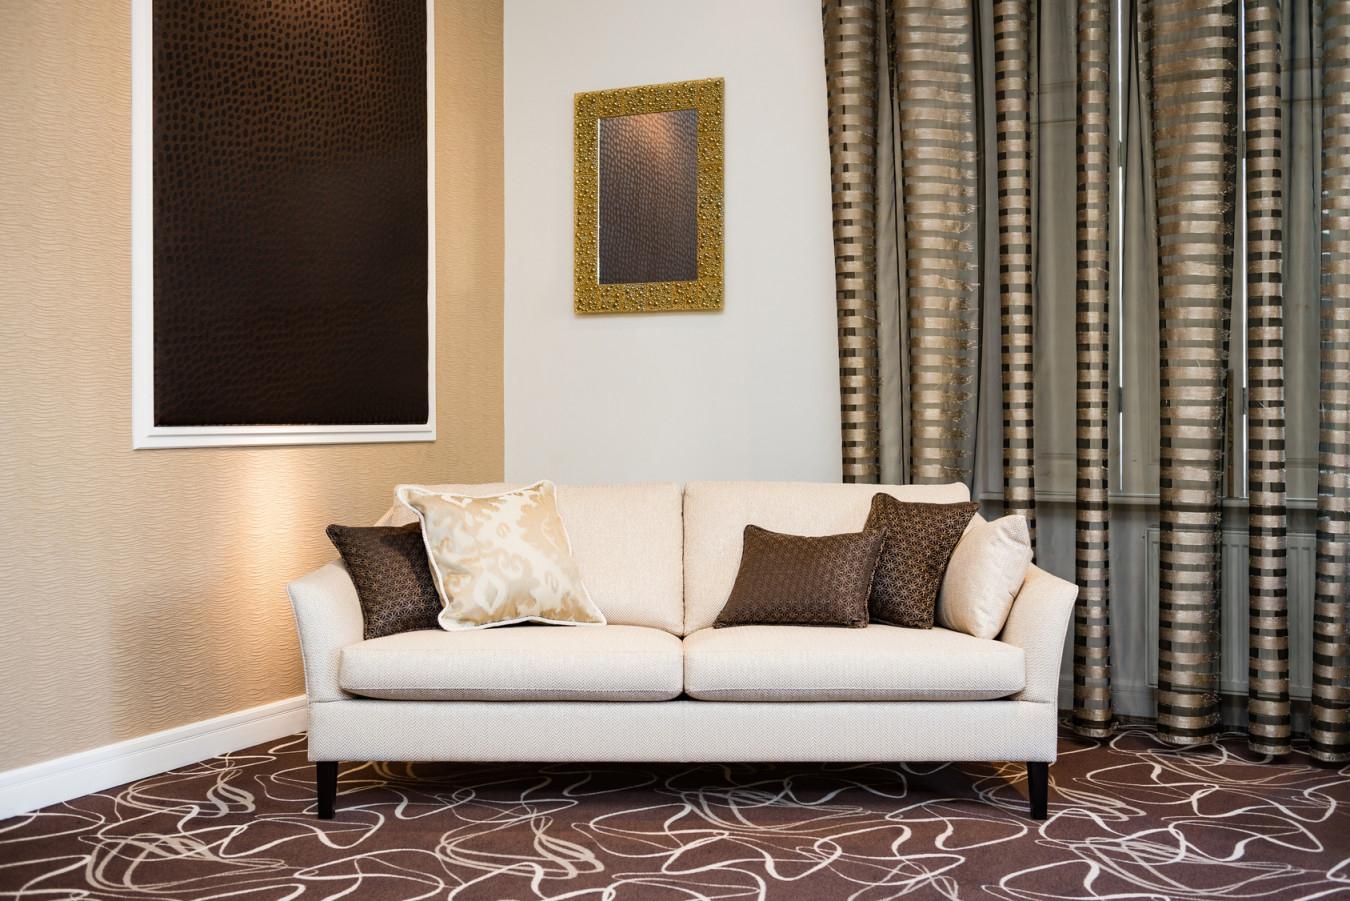 Gardinen 6 Ideen Für Das Wohnzimmer von Gardinen Trends Wohnzimmer Bild